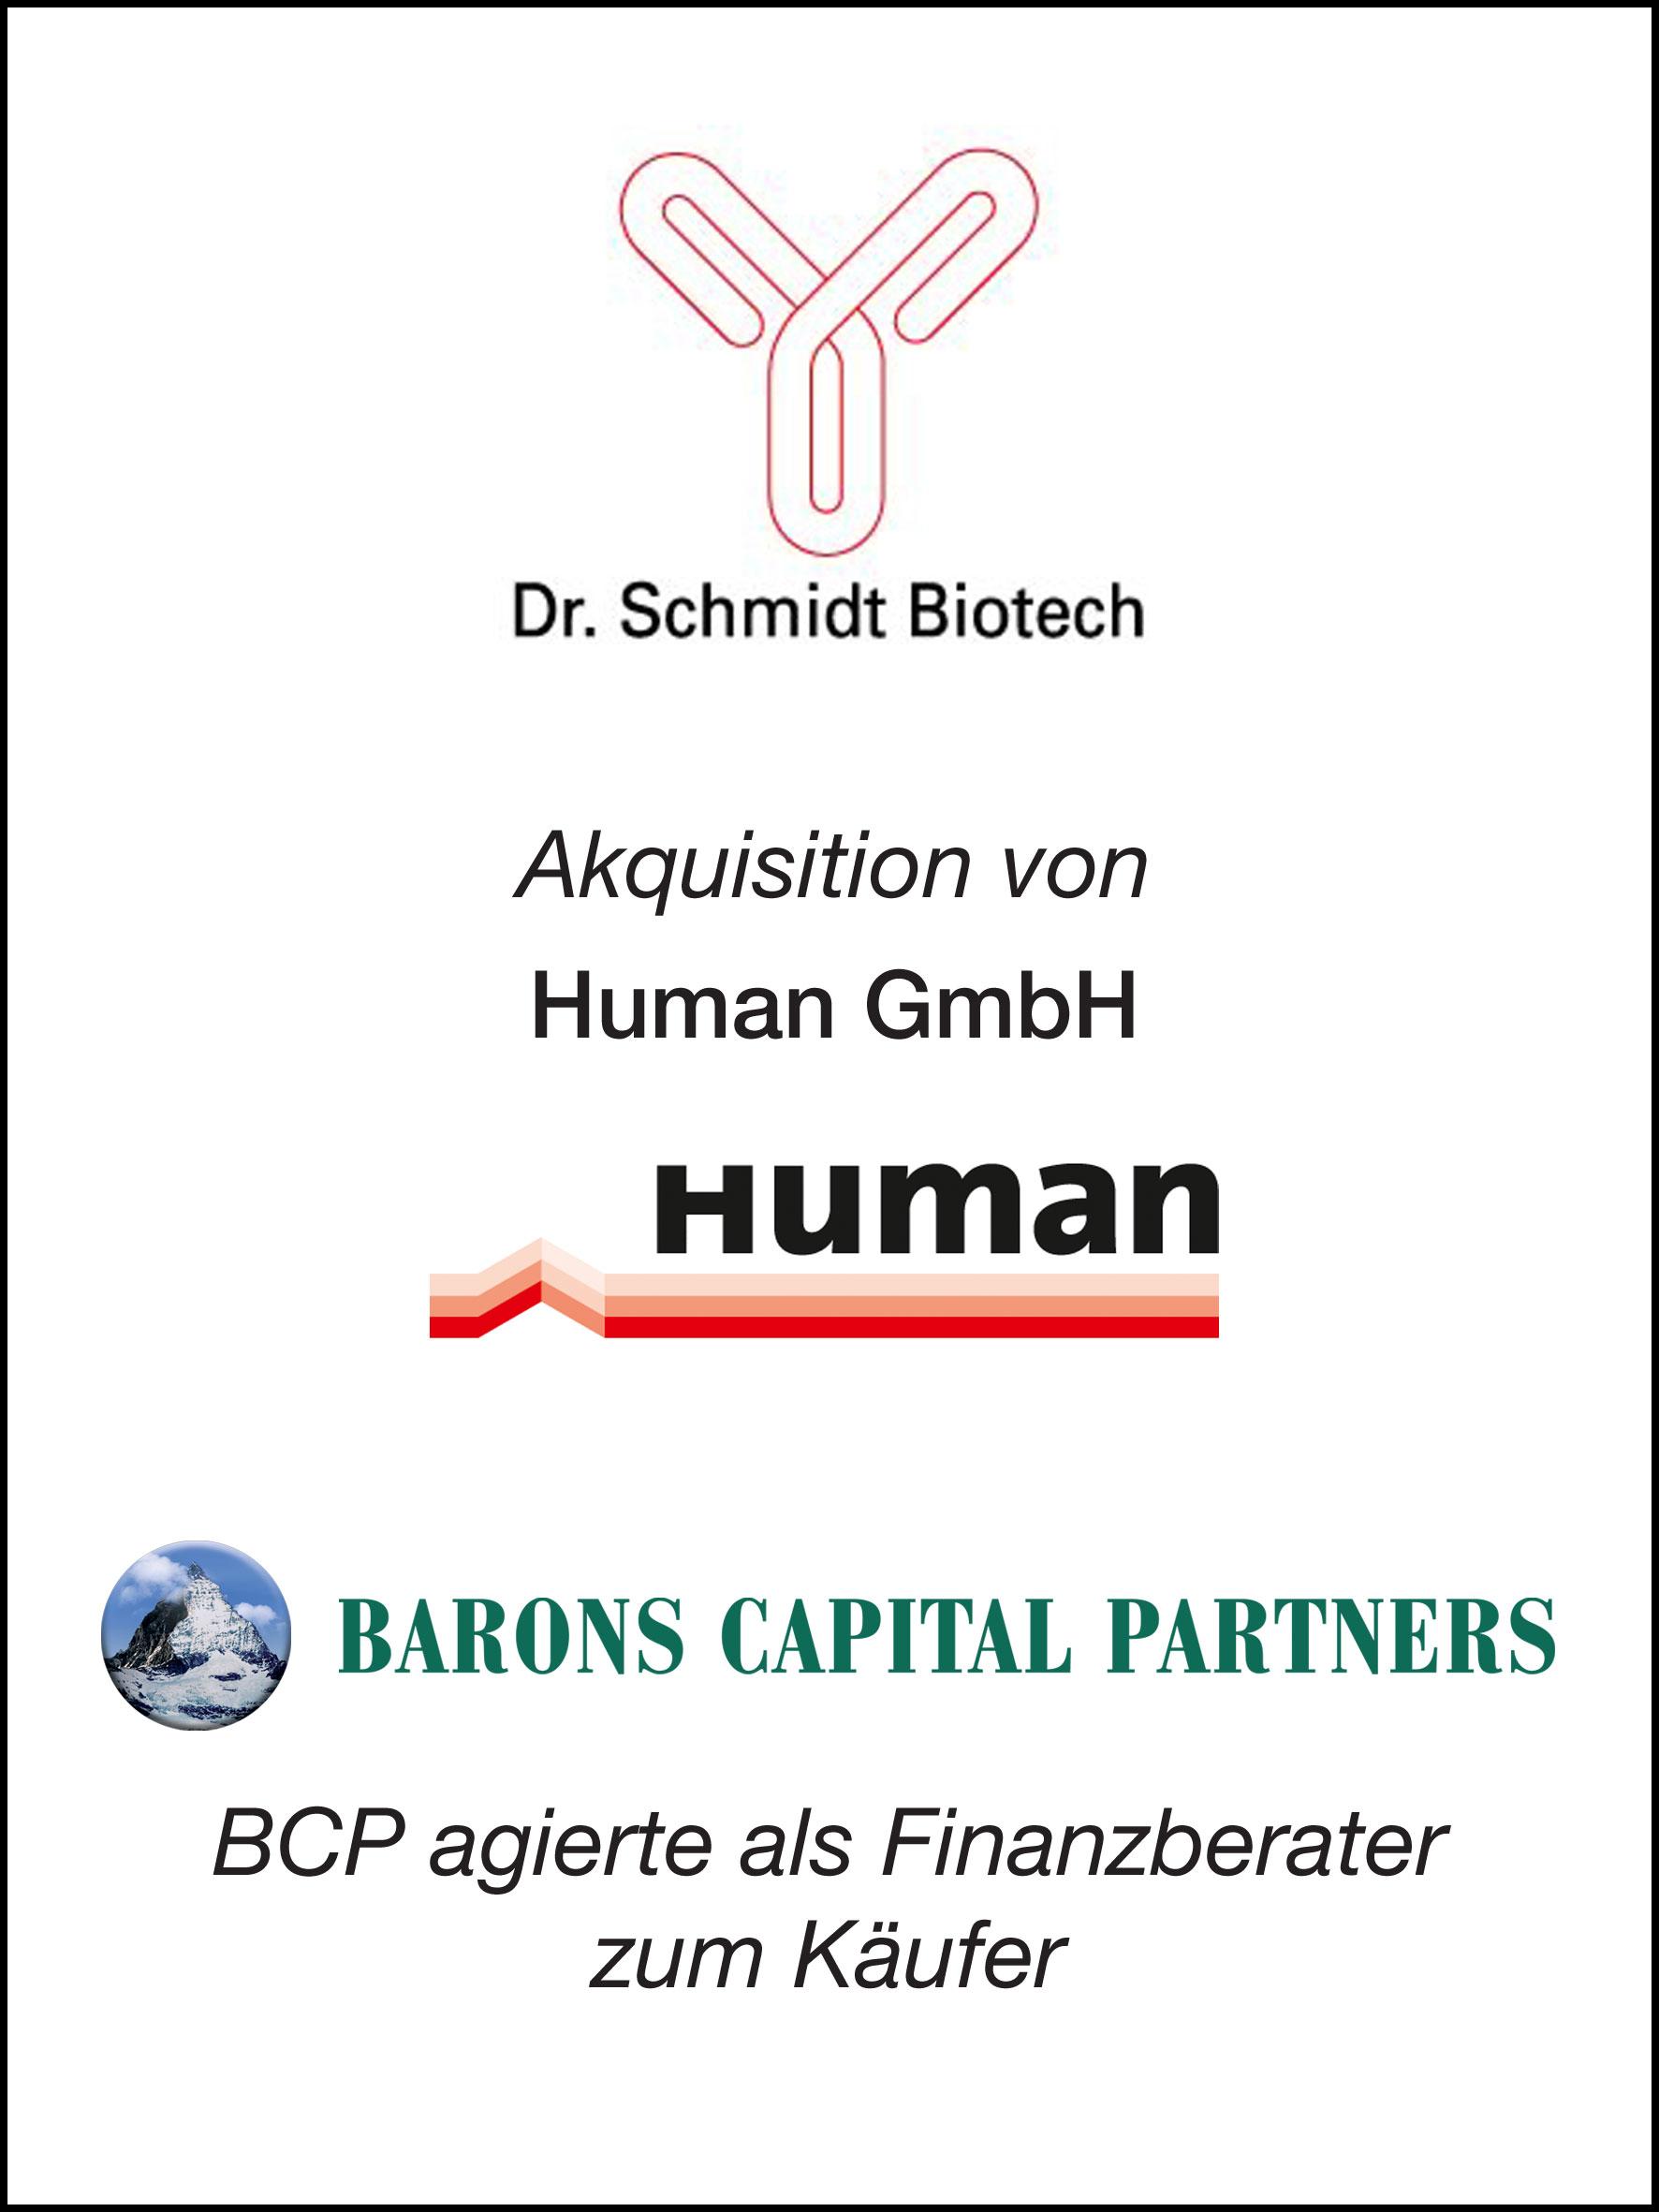 18_HUMAN Gesellschaft für Biochemica und Diagnostica mbH_G